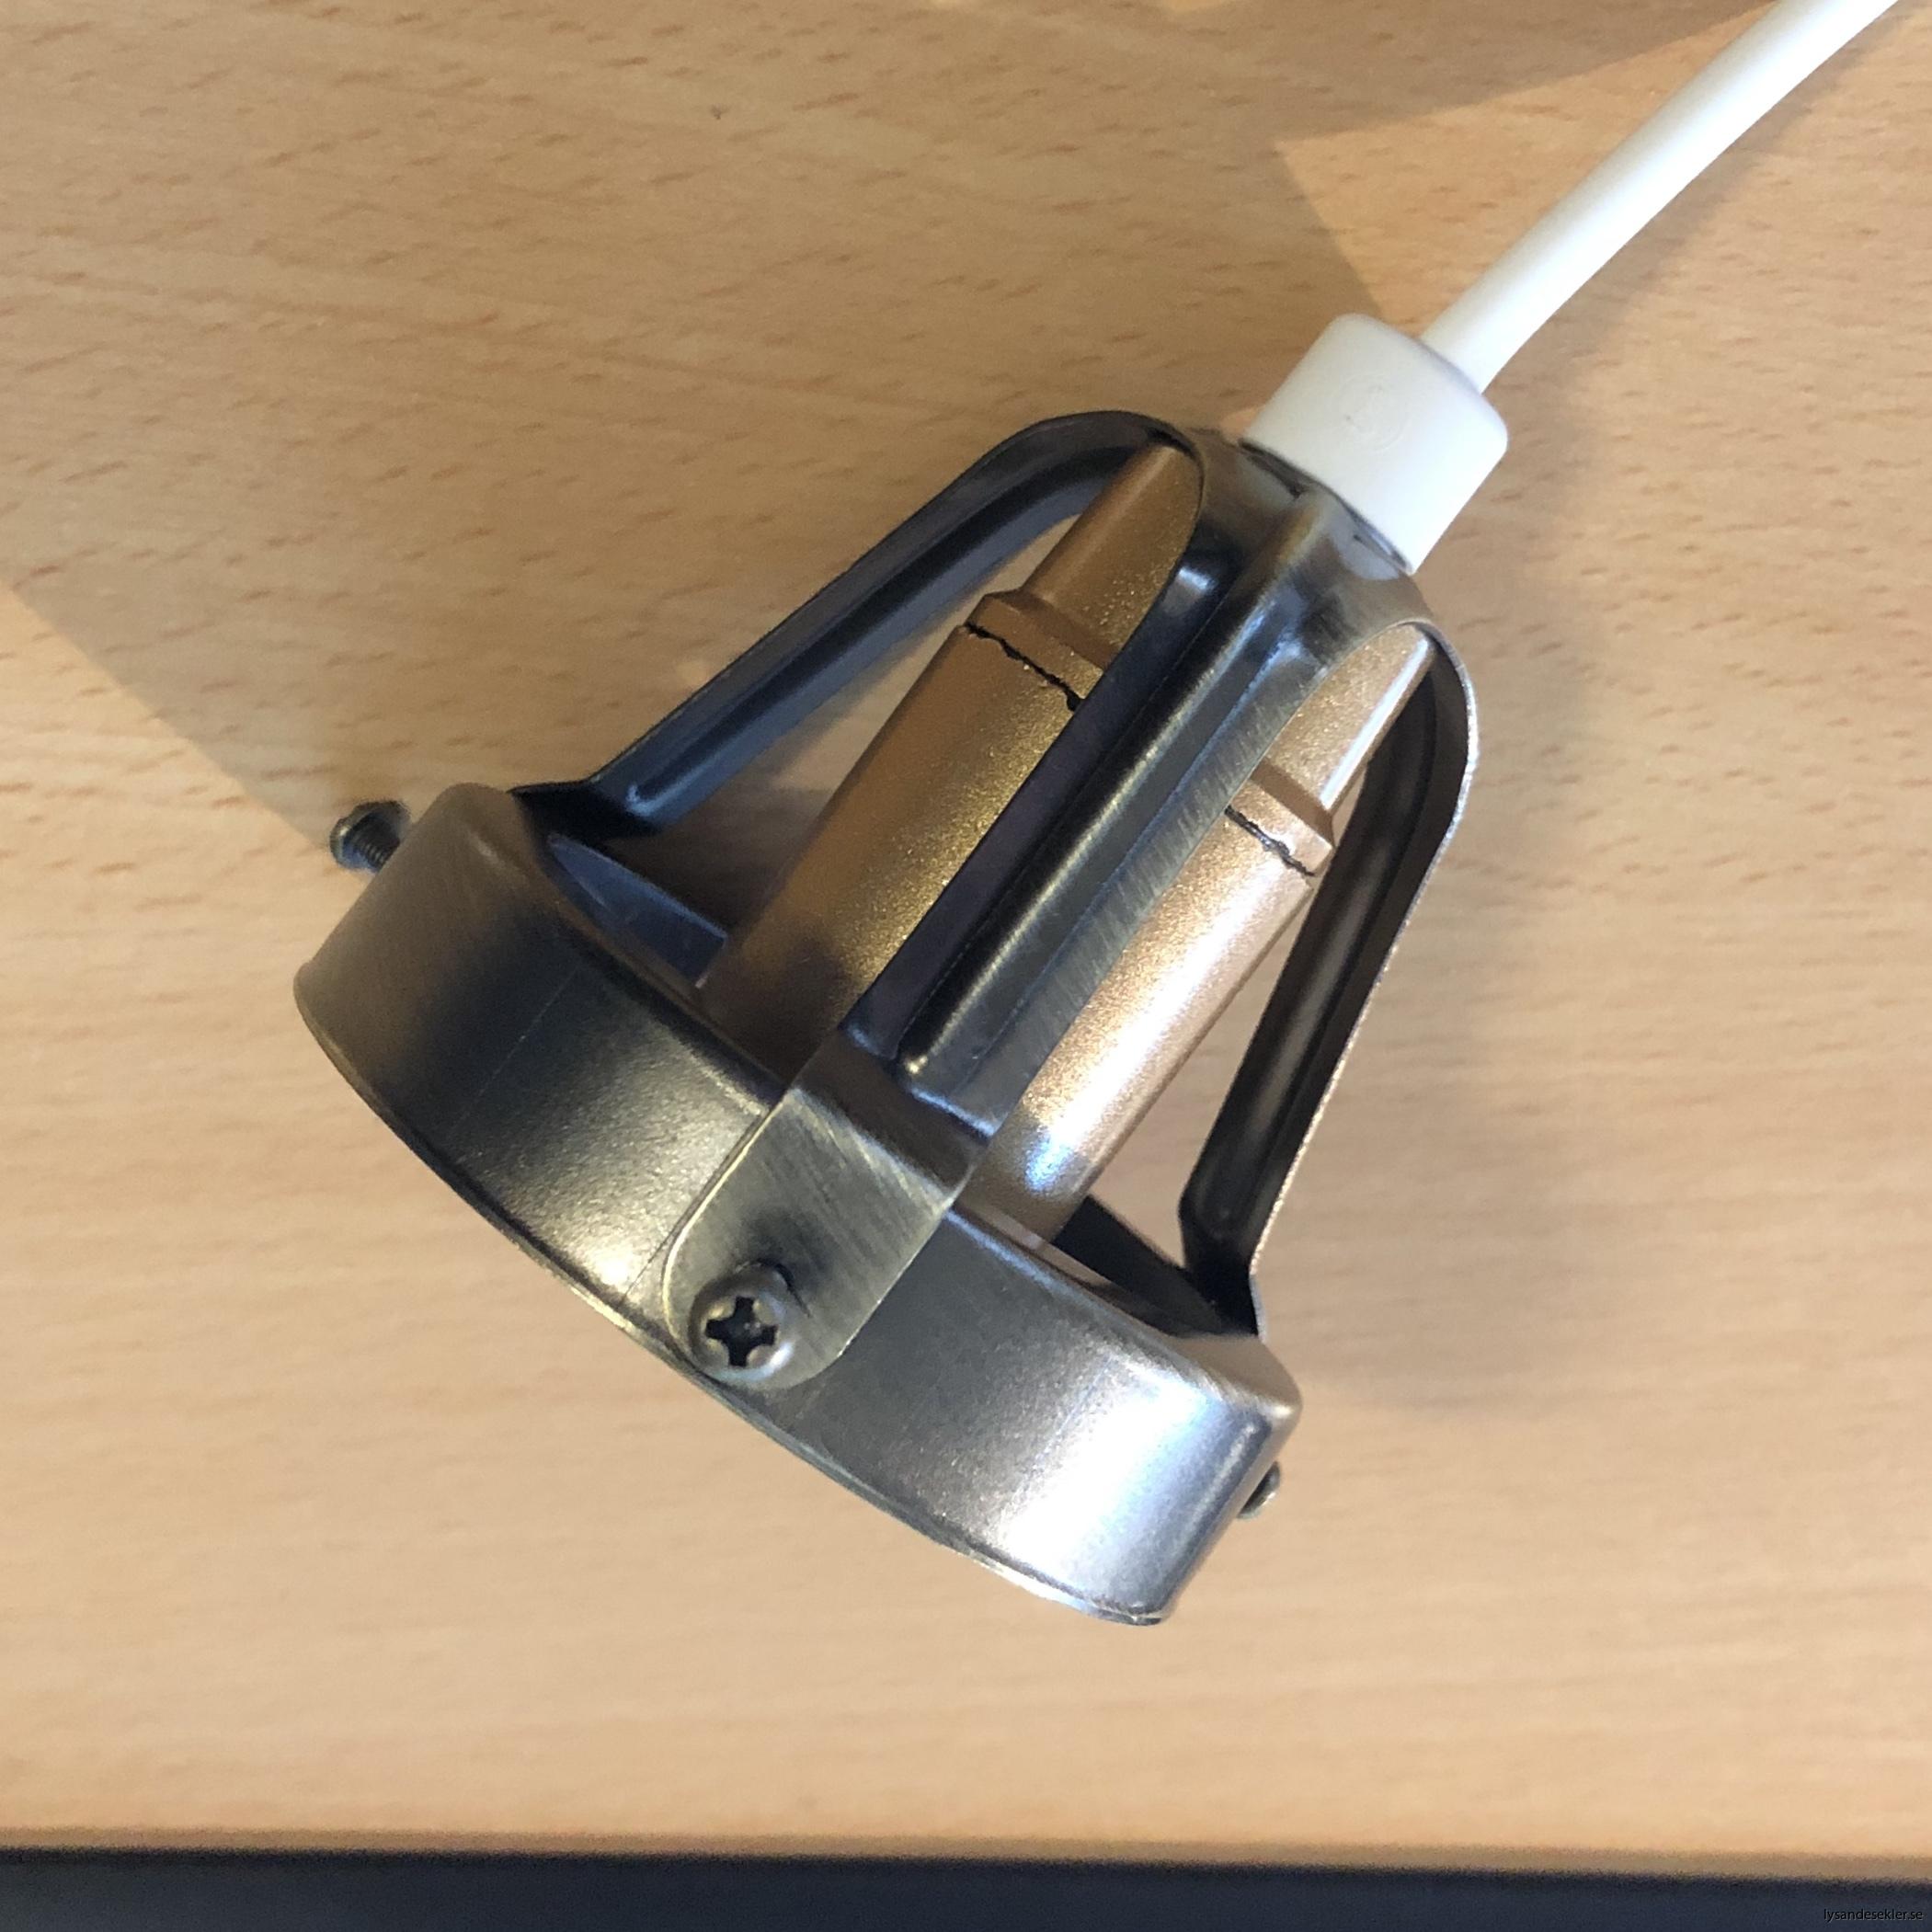 sladdupphäng för flänsskärm 55-60 mm med klofattning2